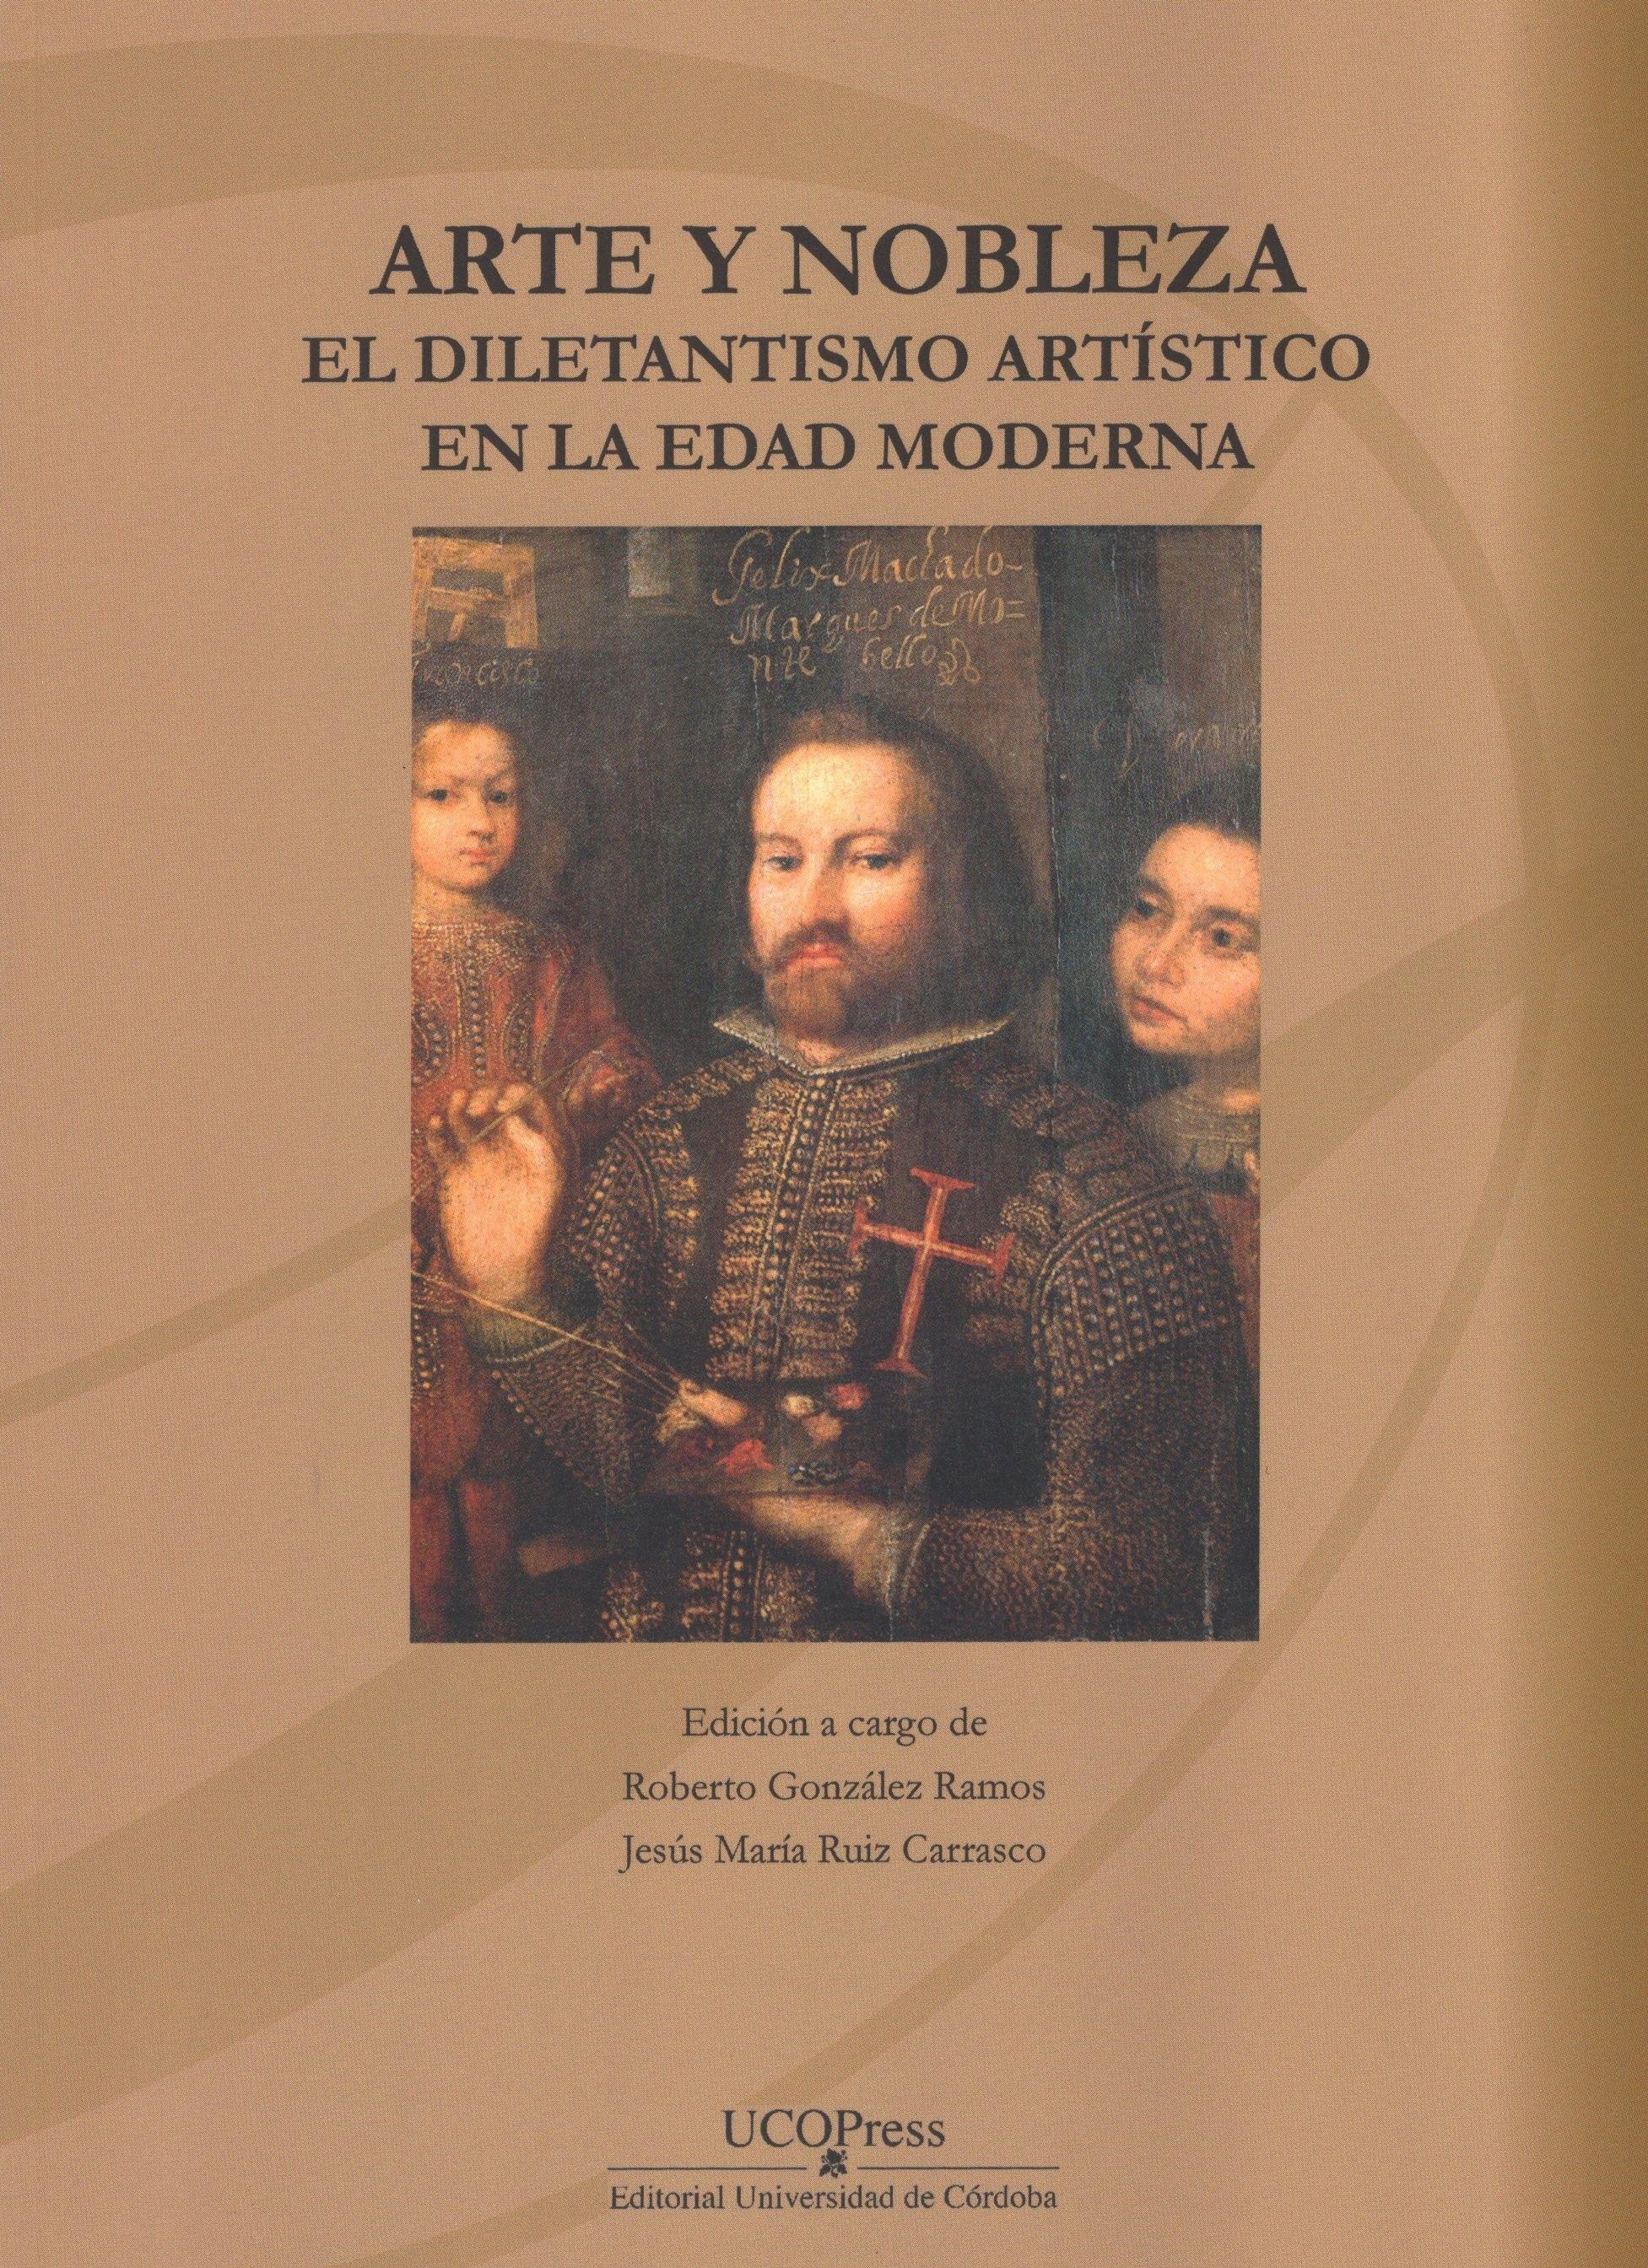 Arte Y Nobleza El Diletantismo Artístico En La Edad Moderna Edición A Cargo De Roberto González Ramos Jesús María Ruiz Carrasco Edad Moderna Artistas Arte